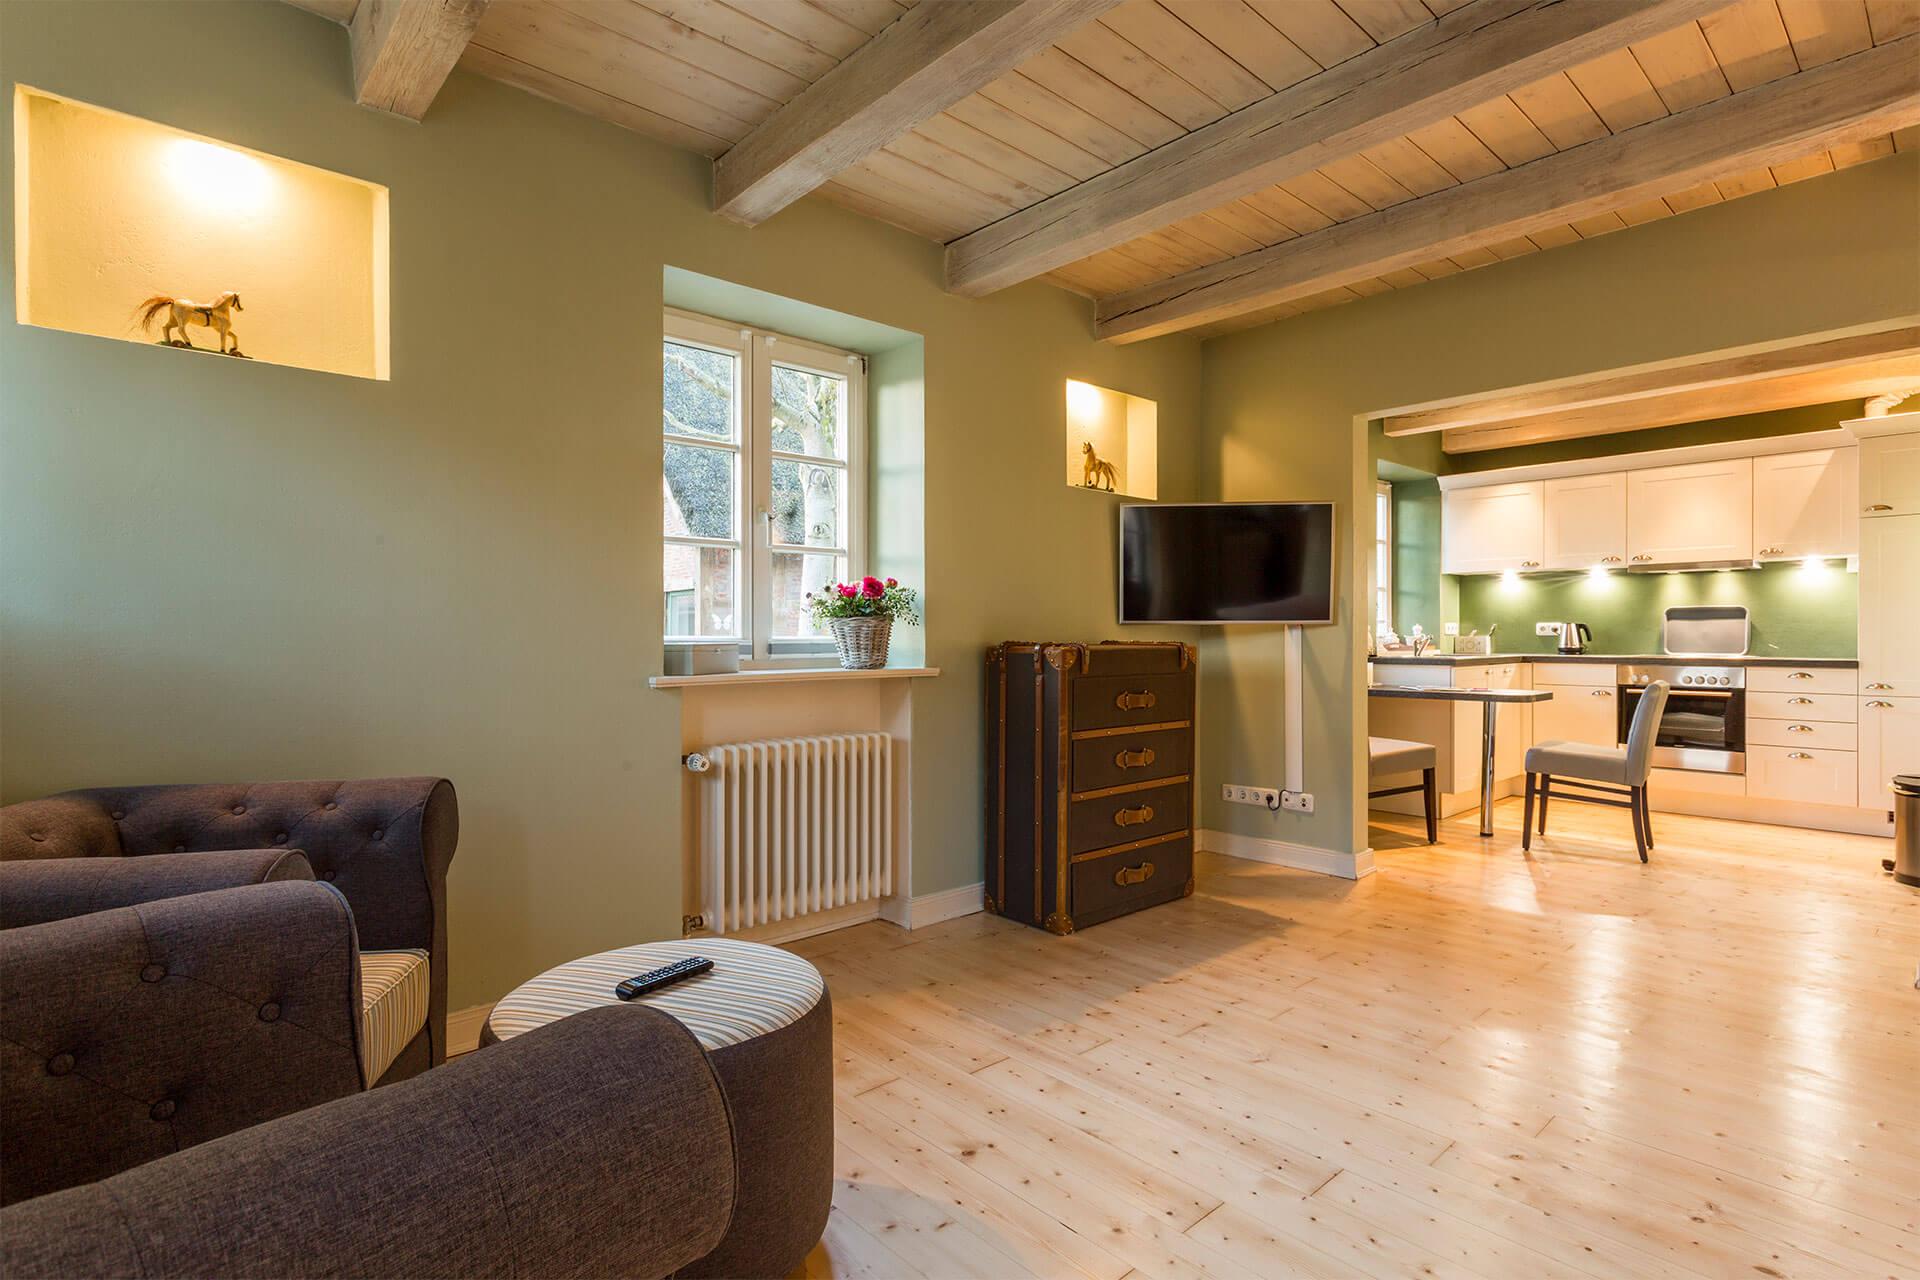 Sitzgruppe mit Design Möbel und Ausblick auf Hofstelle